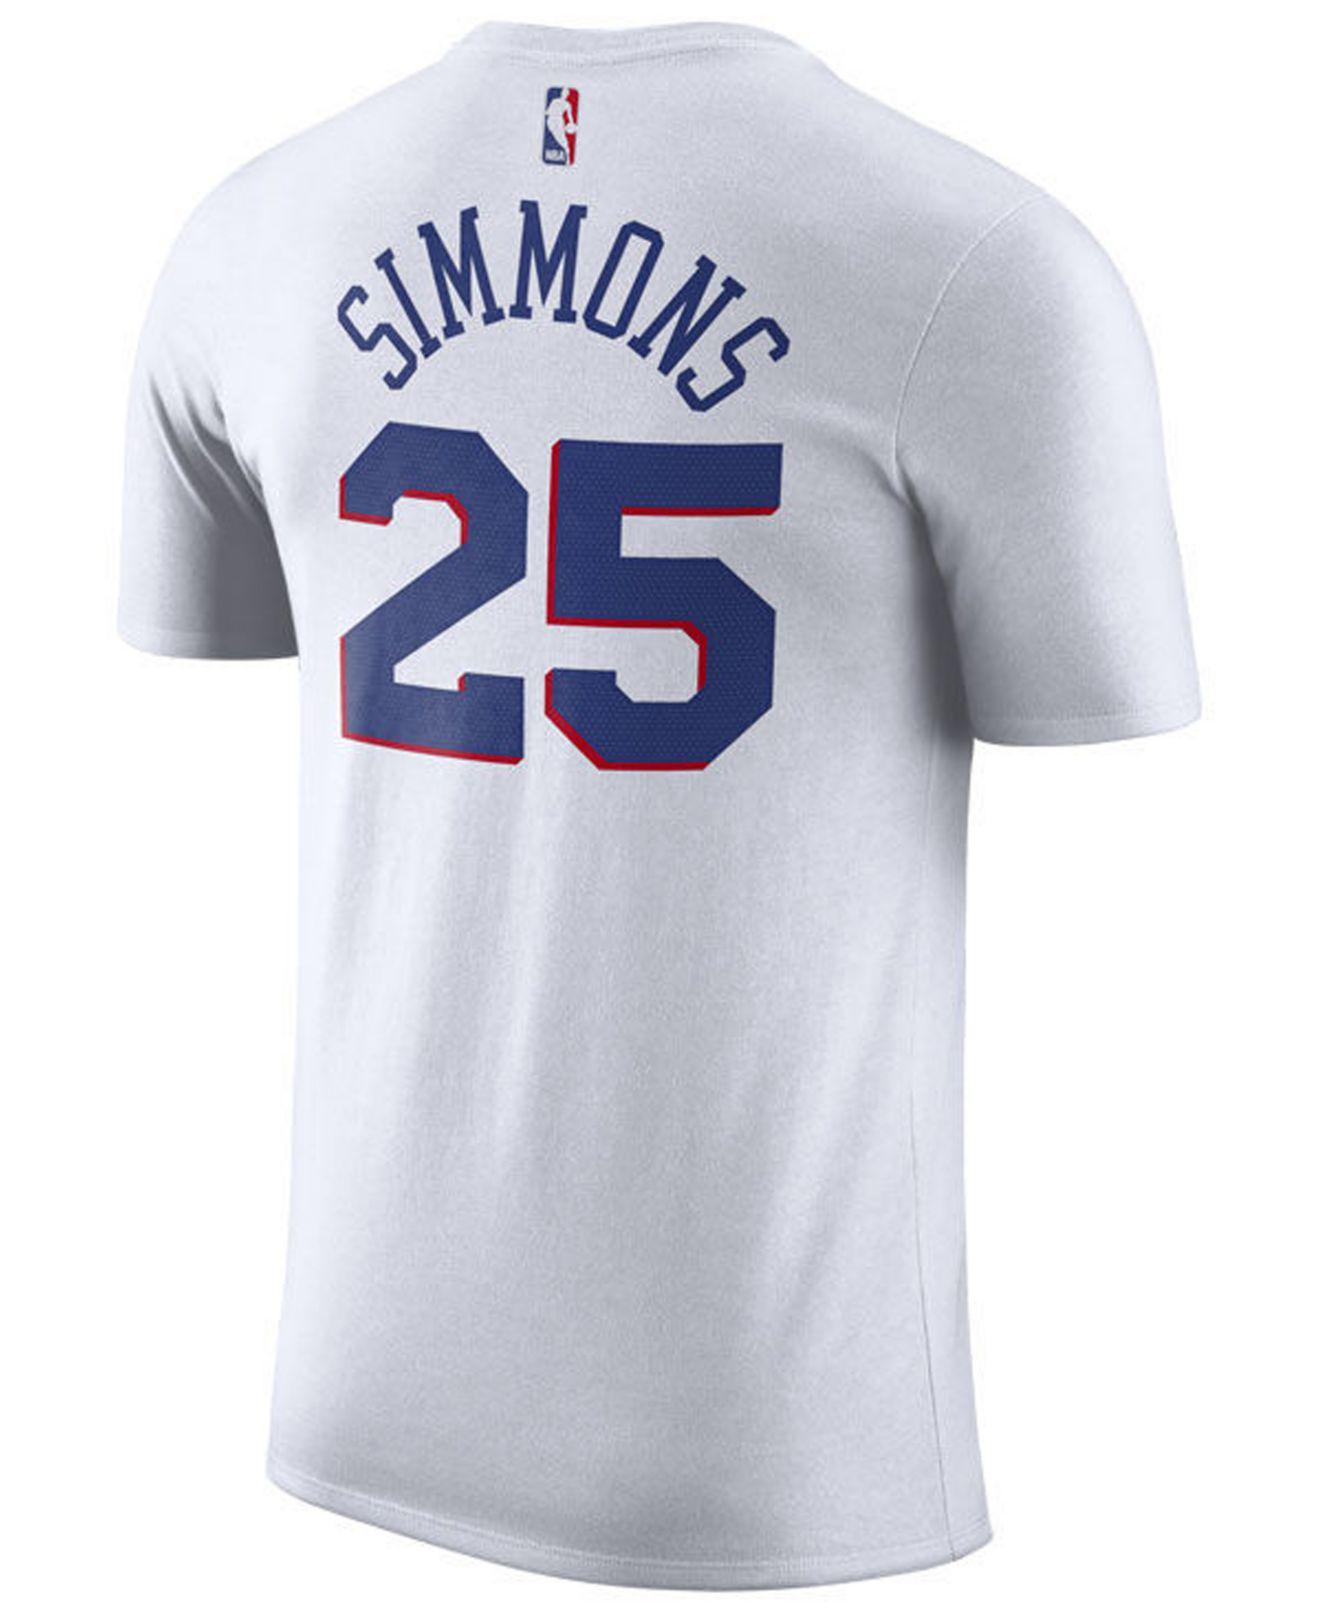 Lyst - Nike Ben Simmons Philadelphia 76ers Association Player T-shirt in  White for Men a90d70895e4c